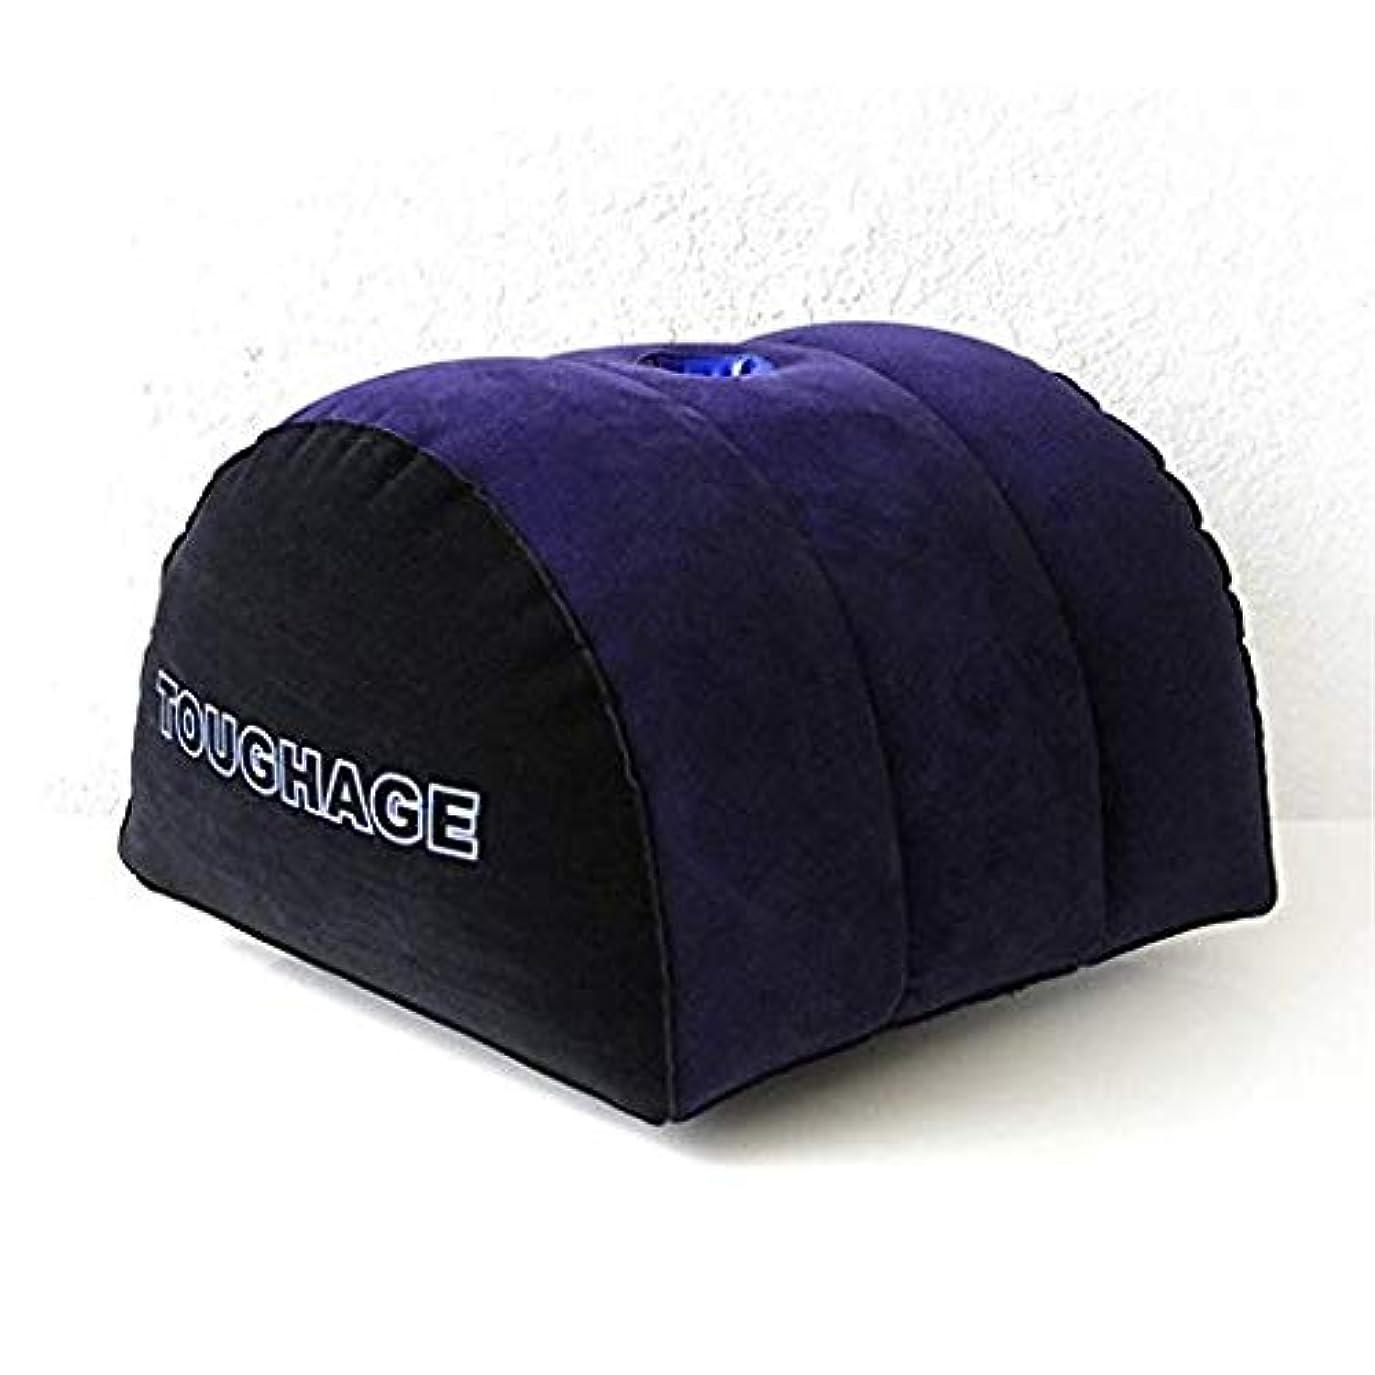 分類する合意遺伝子CS-PYY インフレータブル多機能ソファ - クーペ/レディース/メンズカップル位置適度なサイズのためのポータブルクッション抱き枕インフレータブル家具ラウンジチェア CS-PYY